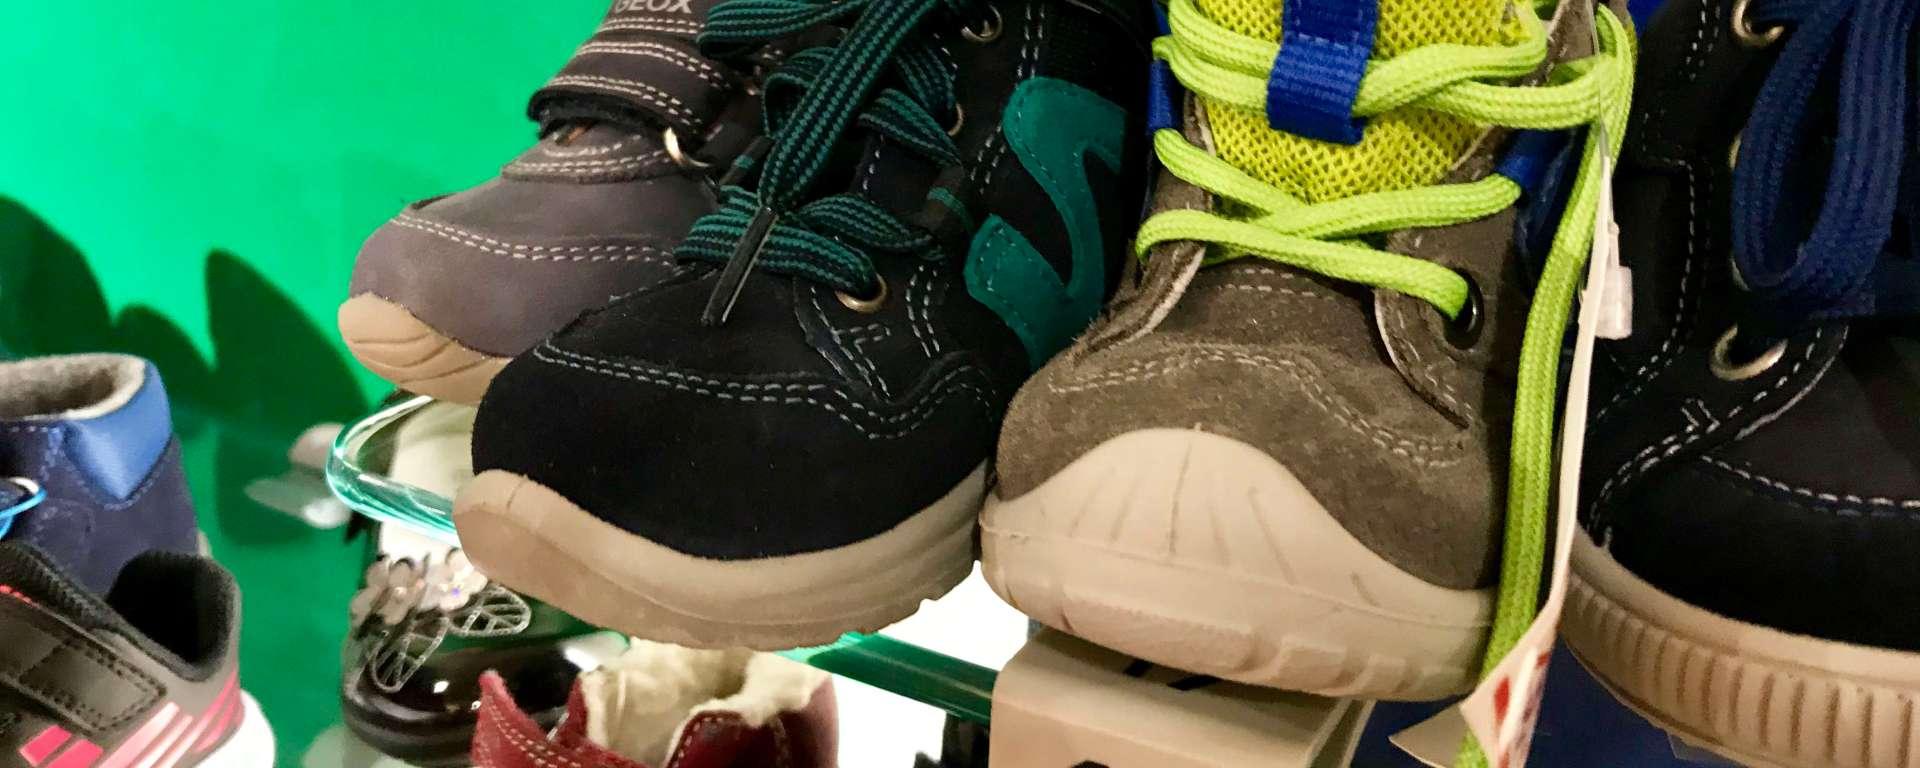 Kinder brauchen Schuhe in Größe 19.